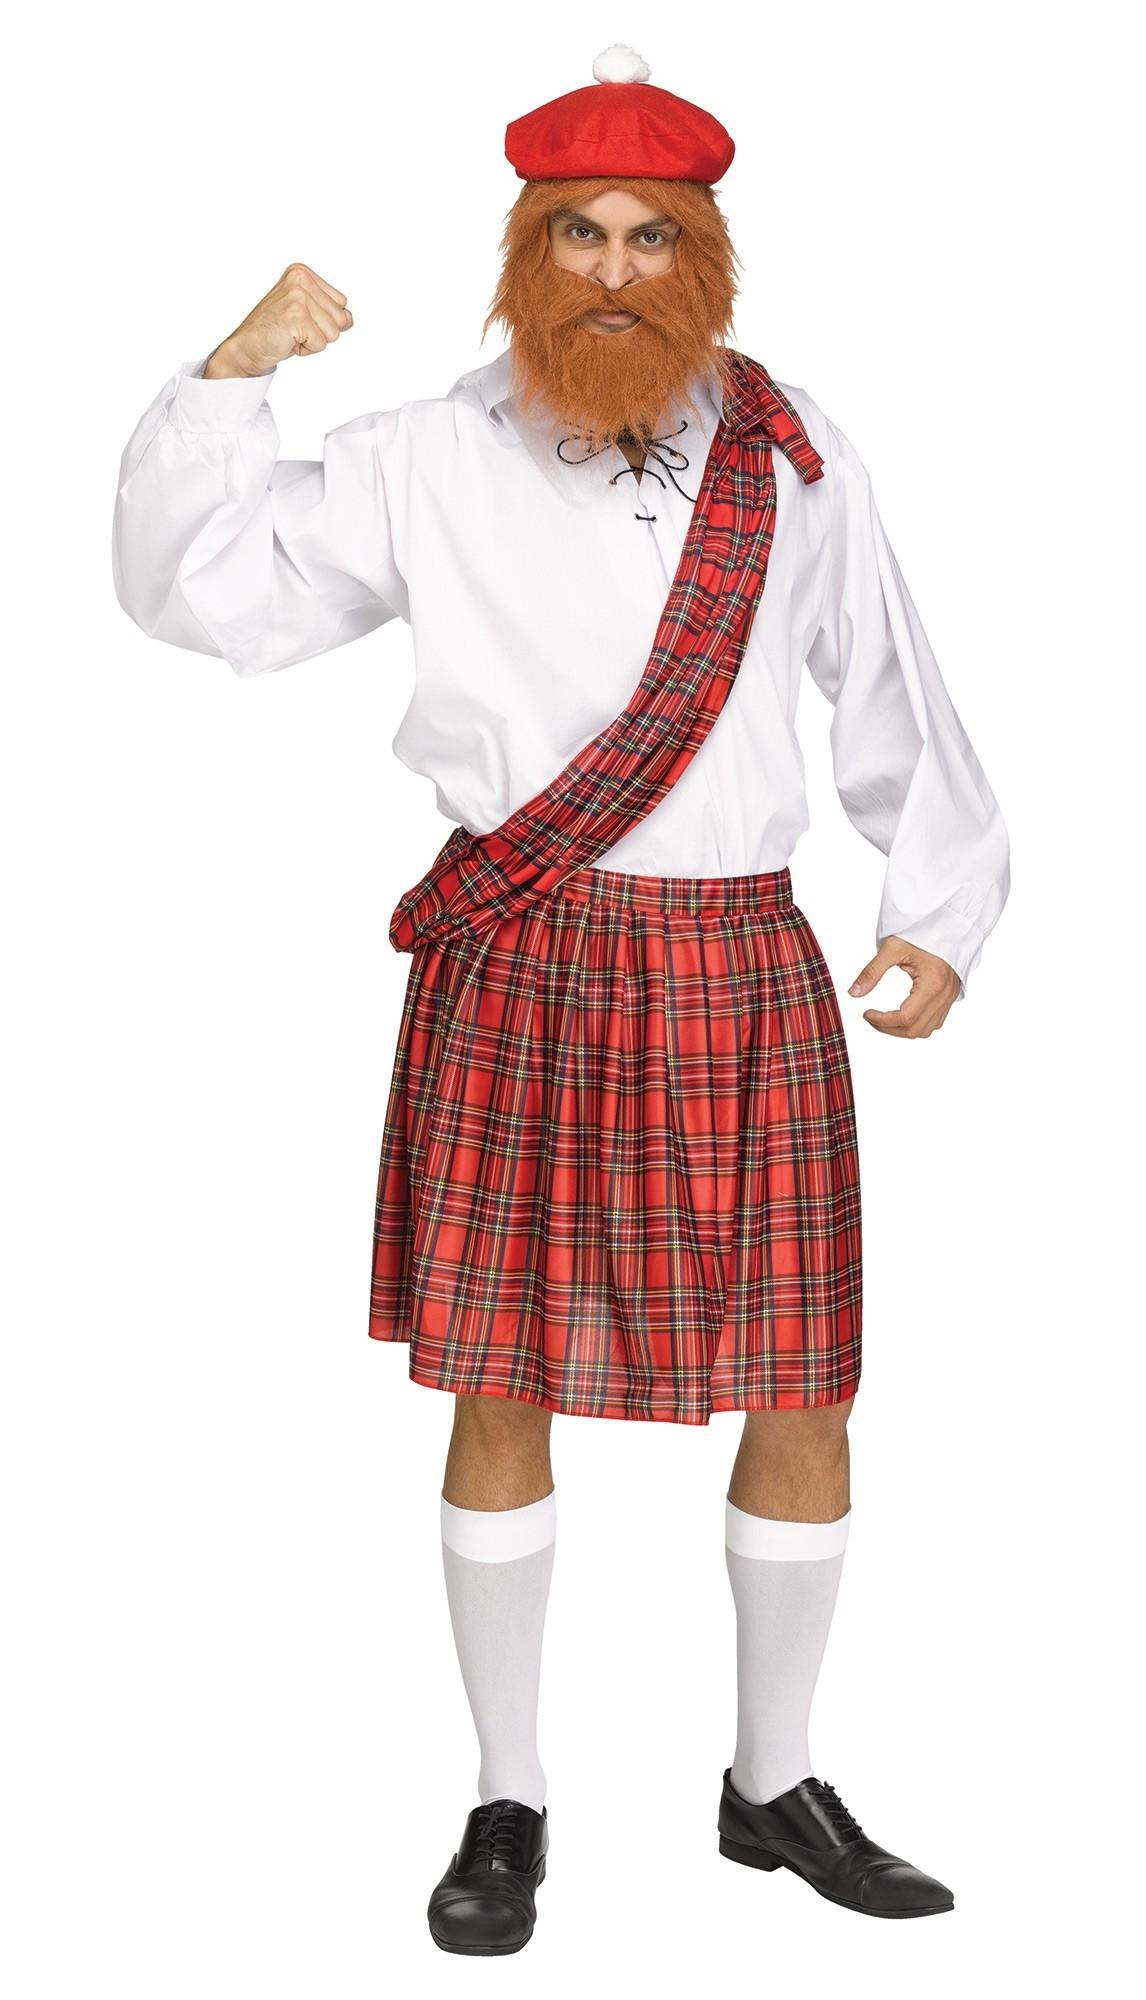 Костюм Шотландца с сюрпризом (42-48) костюм озорного клоуна 42 48